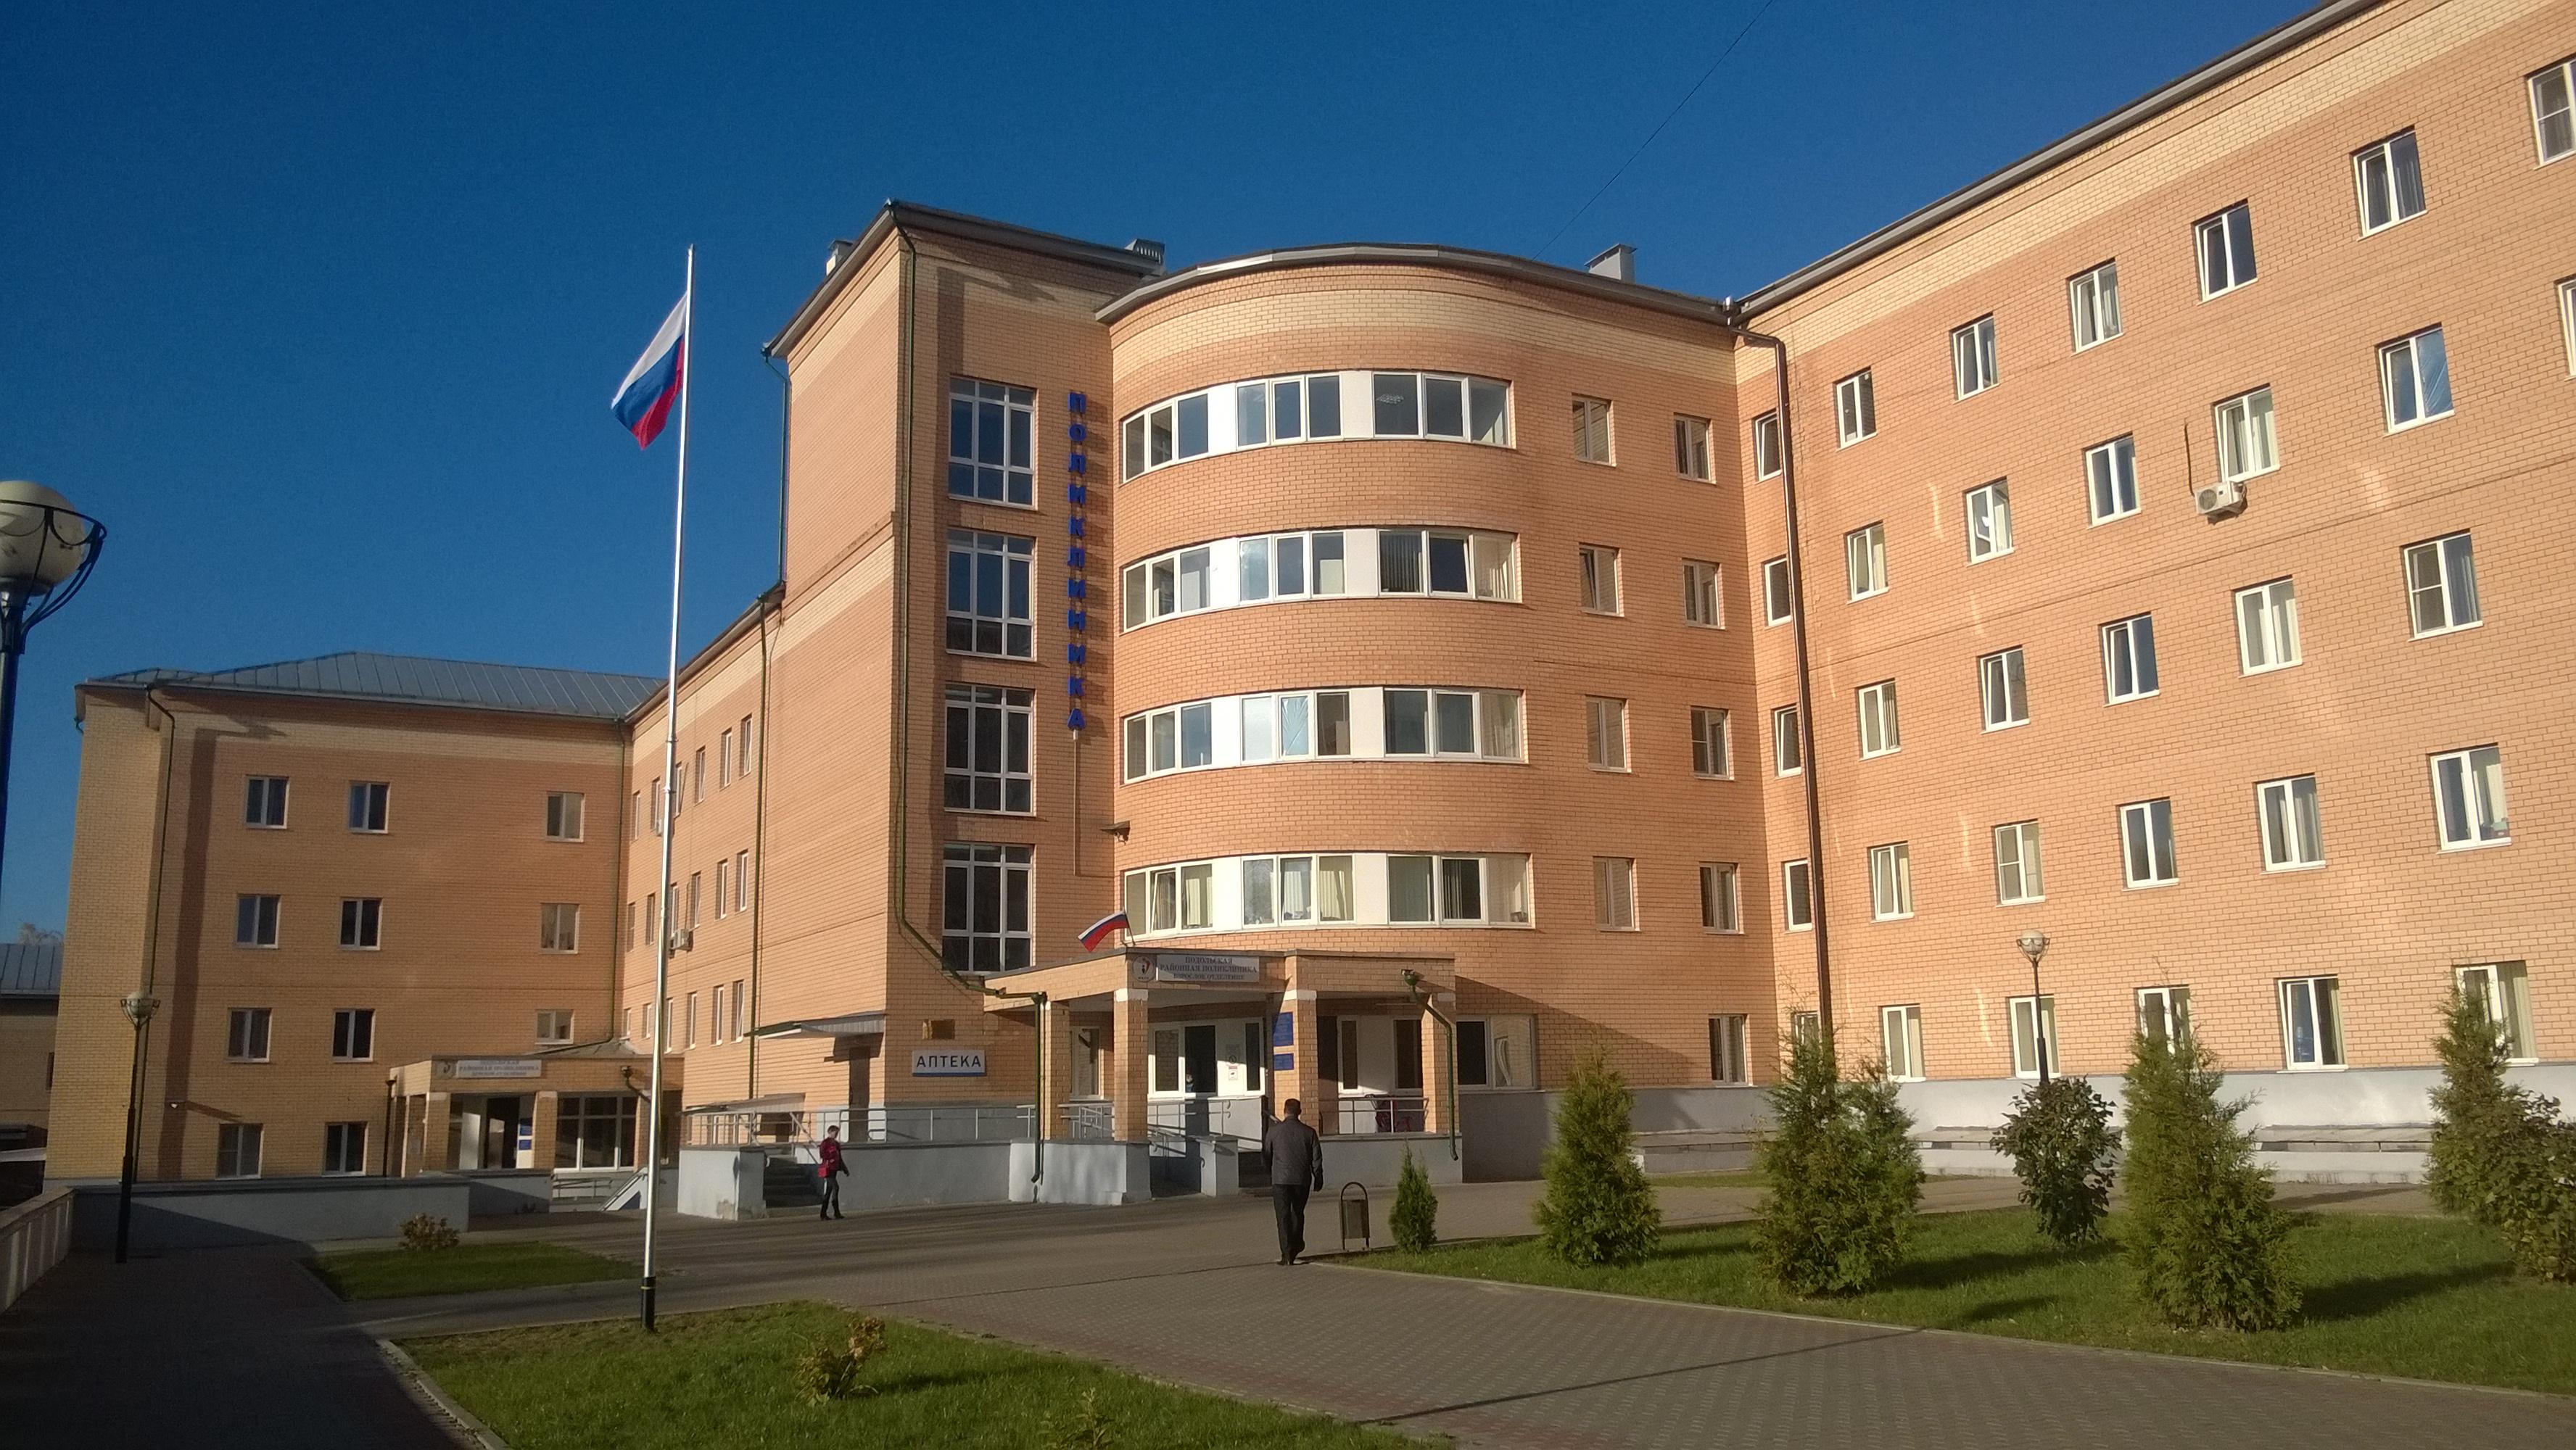 Областная клиническая больница 1 екатеринбург ортопедический